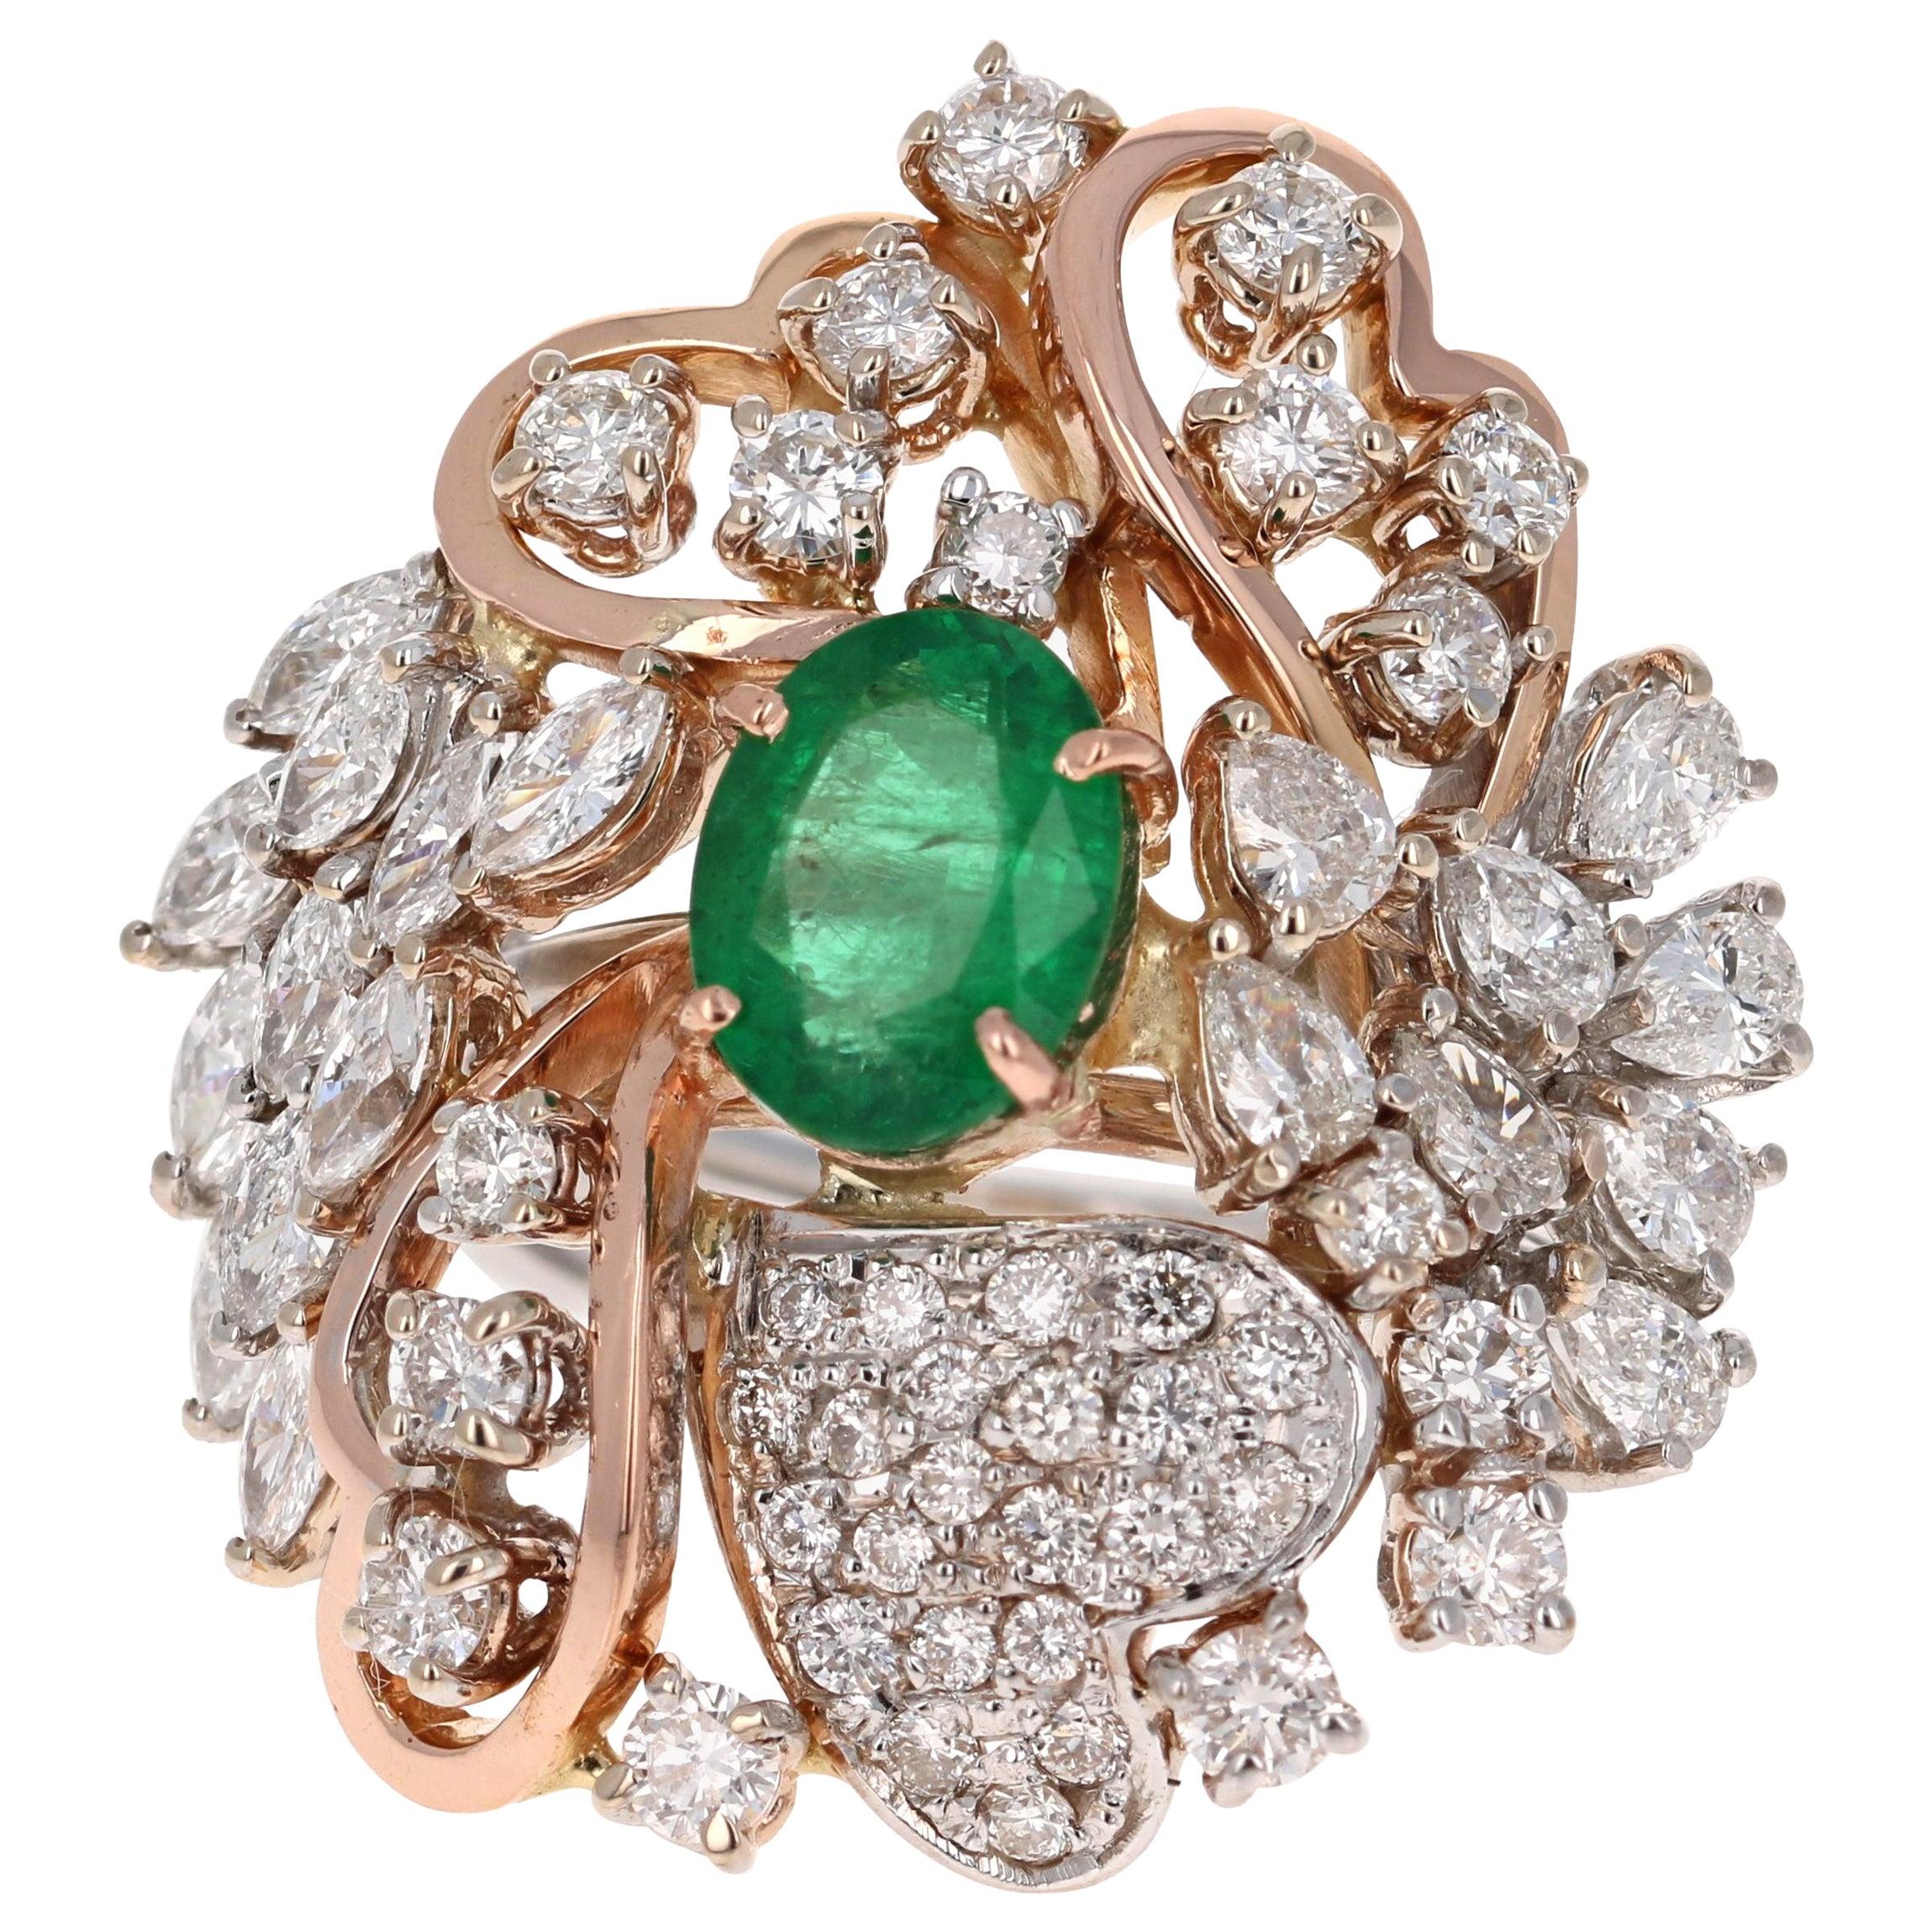 4.83 Carat Emerald and Diamond 18 Karat White Gold Vintage Cocktail Ring